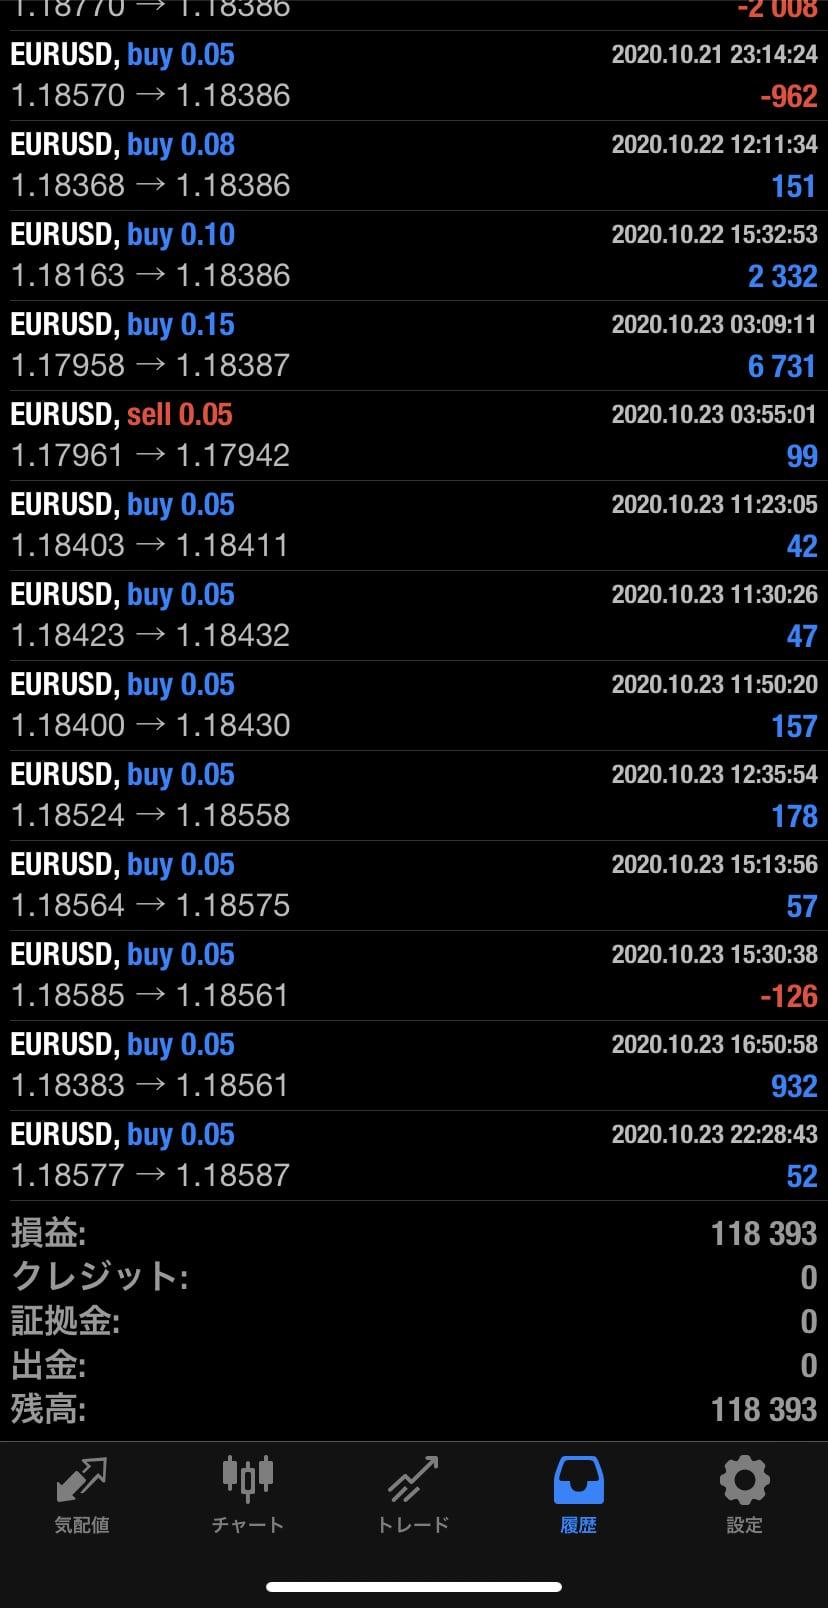 2020年10月 EUR/USDバージョン+118,393円